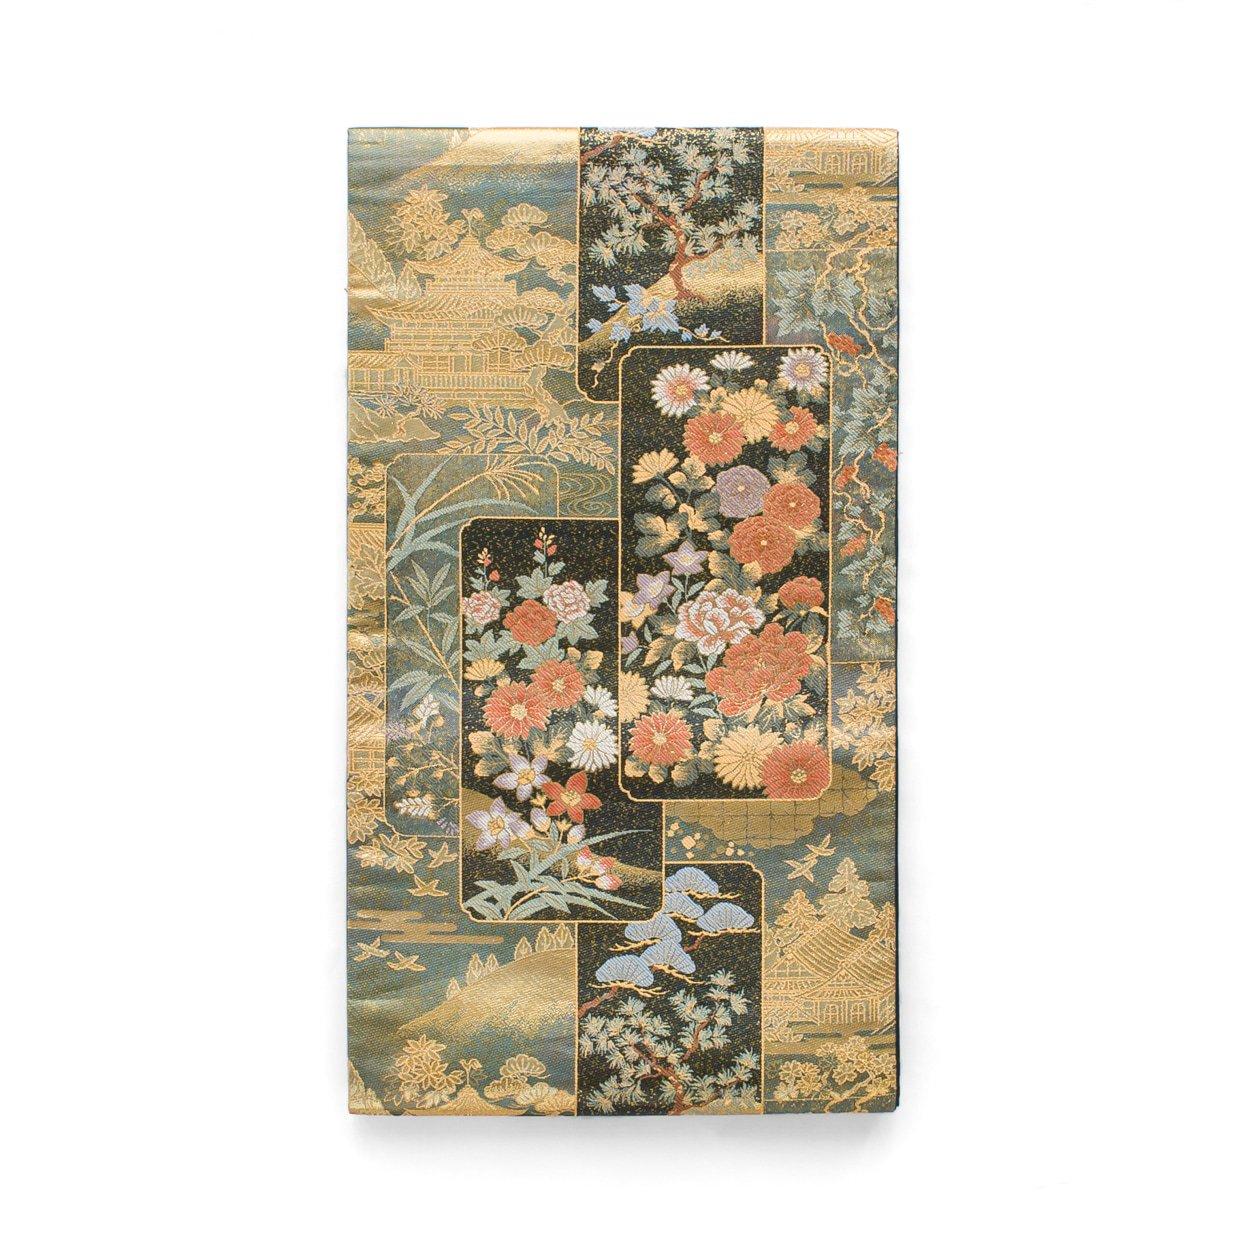 「袋帯●四季花短冊模様」の商品画像